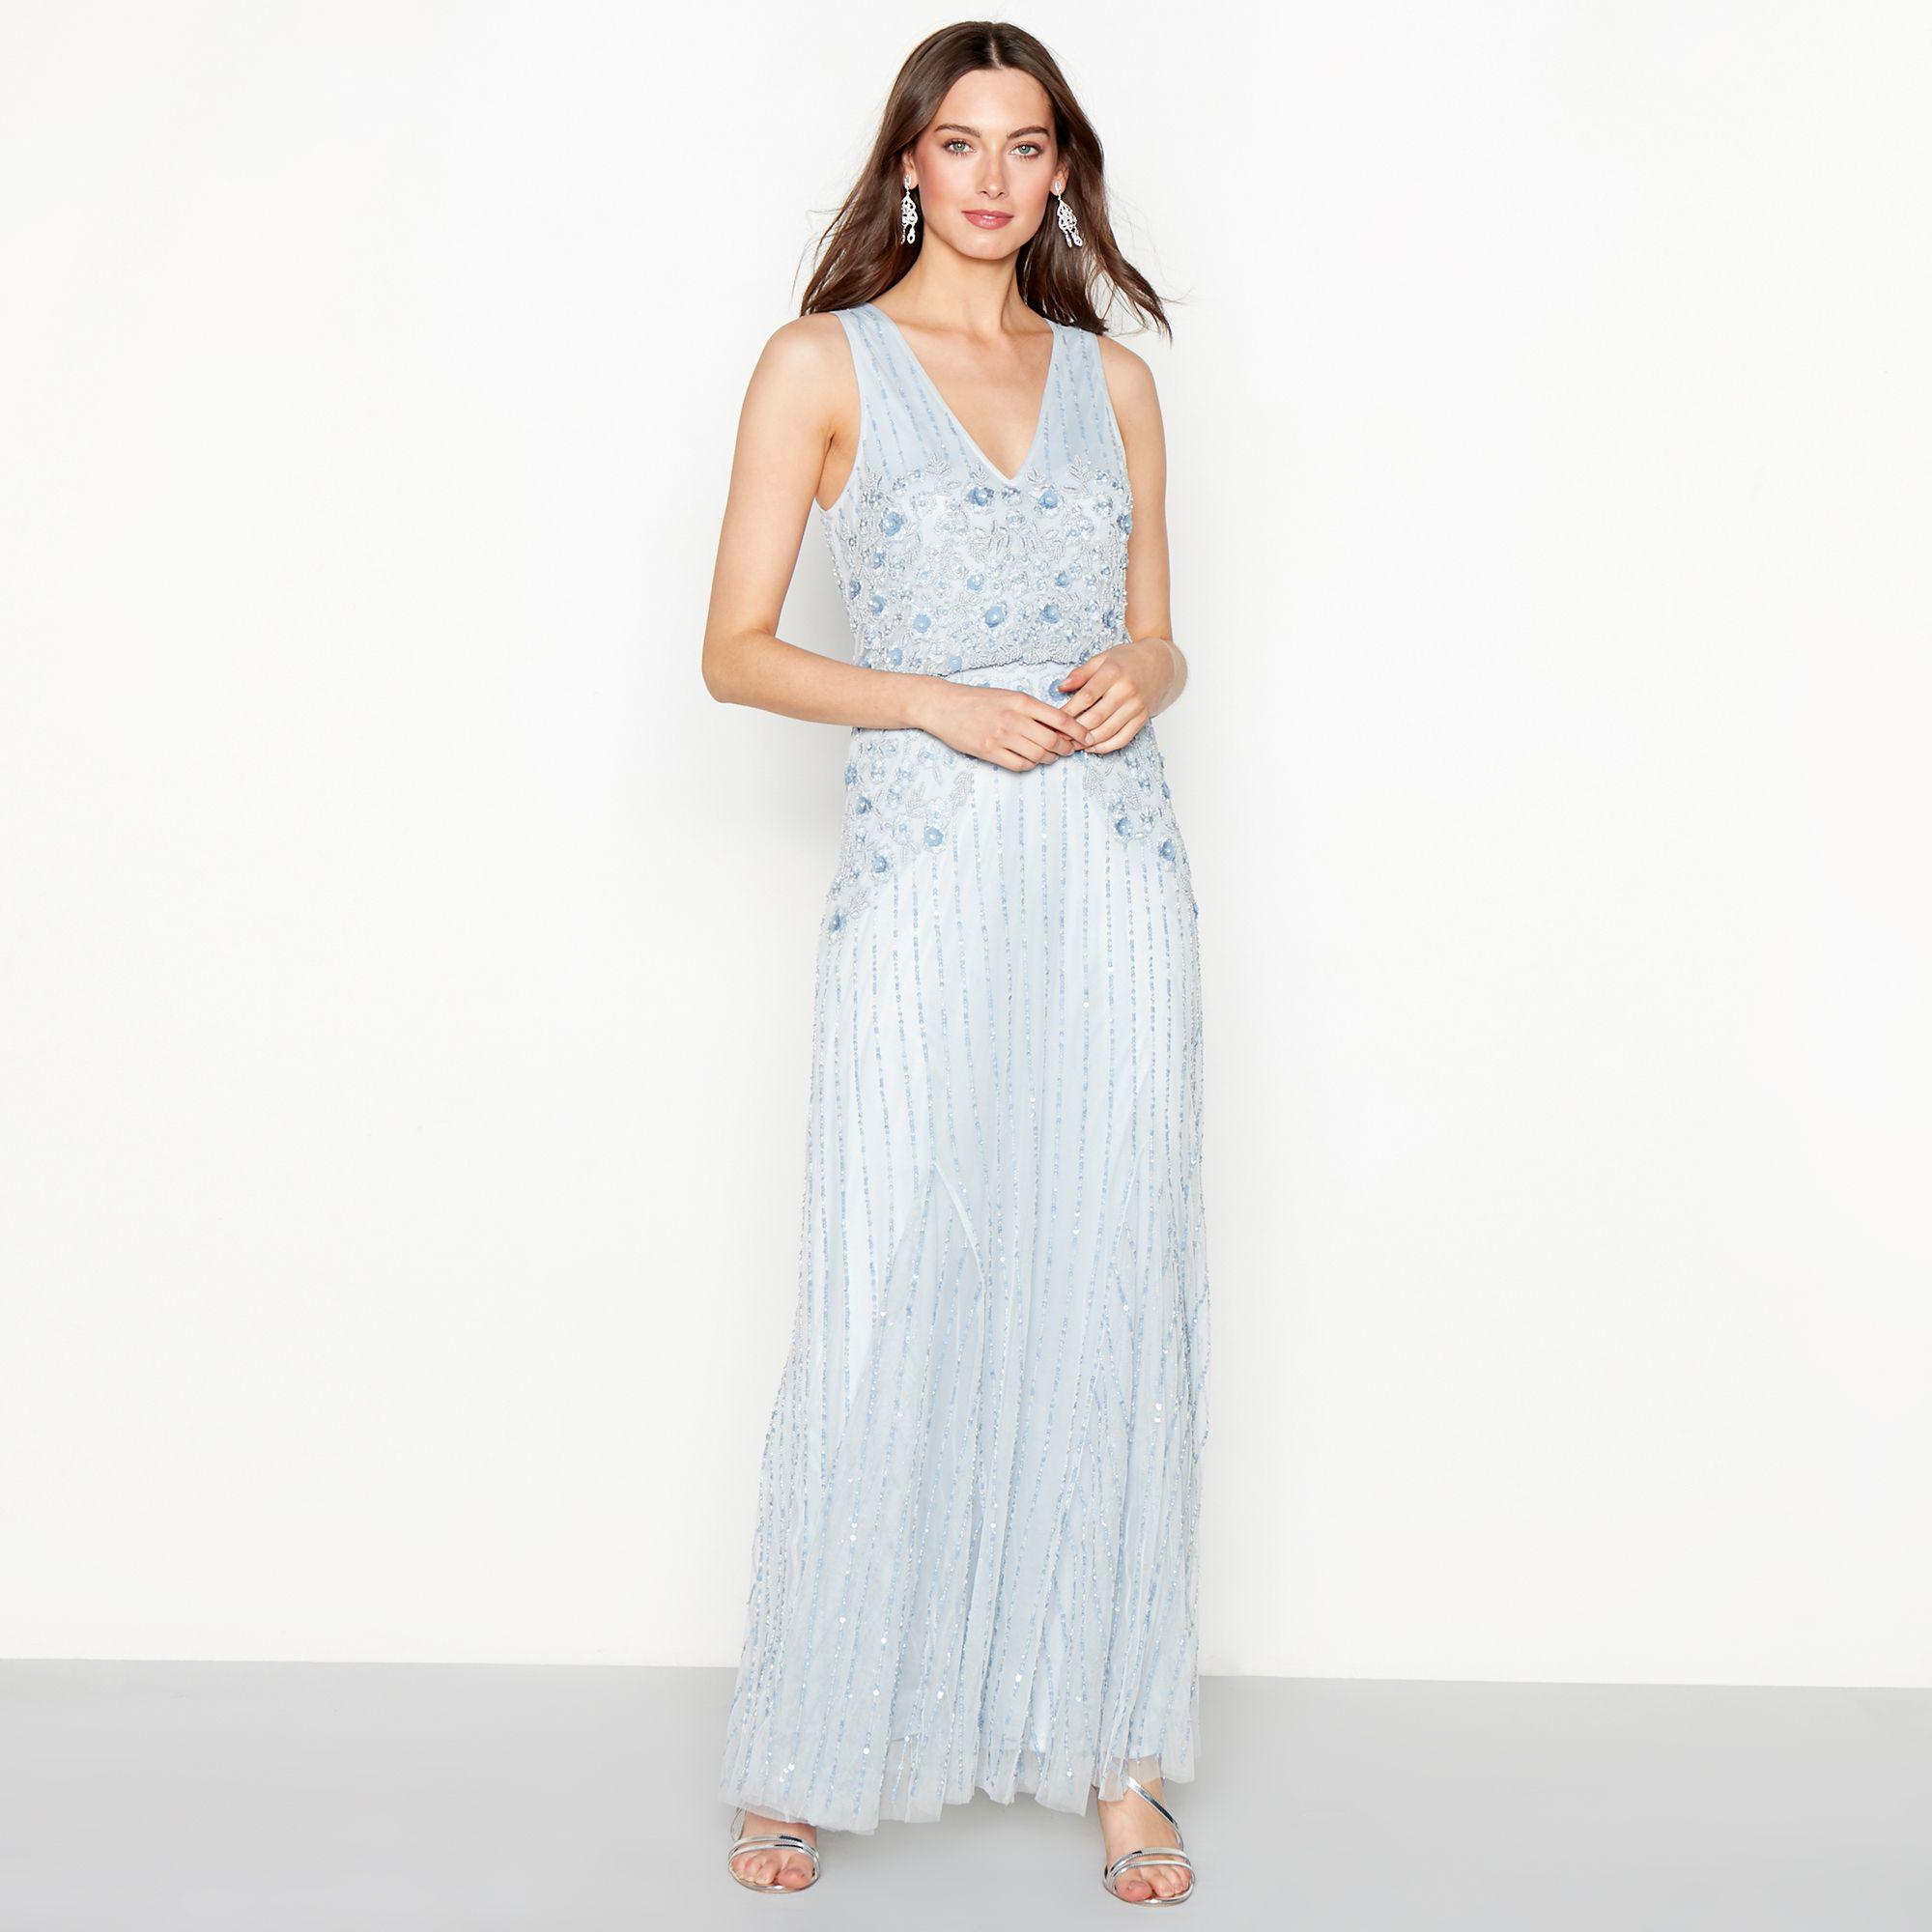 fe2be0752 Jenny Packham Light Blue Floral Embellished Chiffon 'francesca' V ...